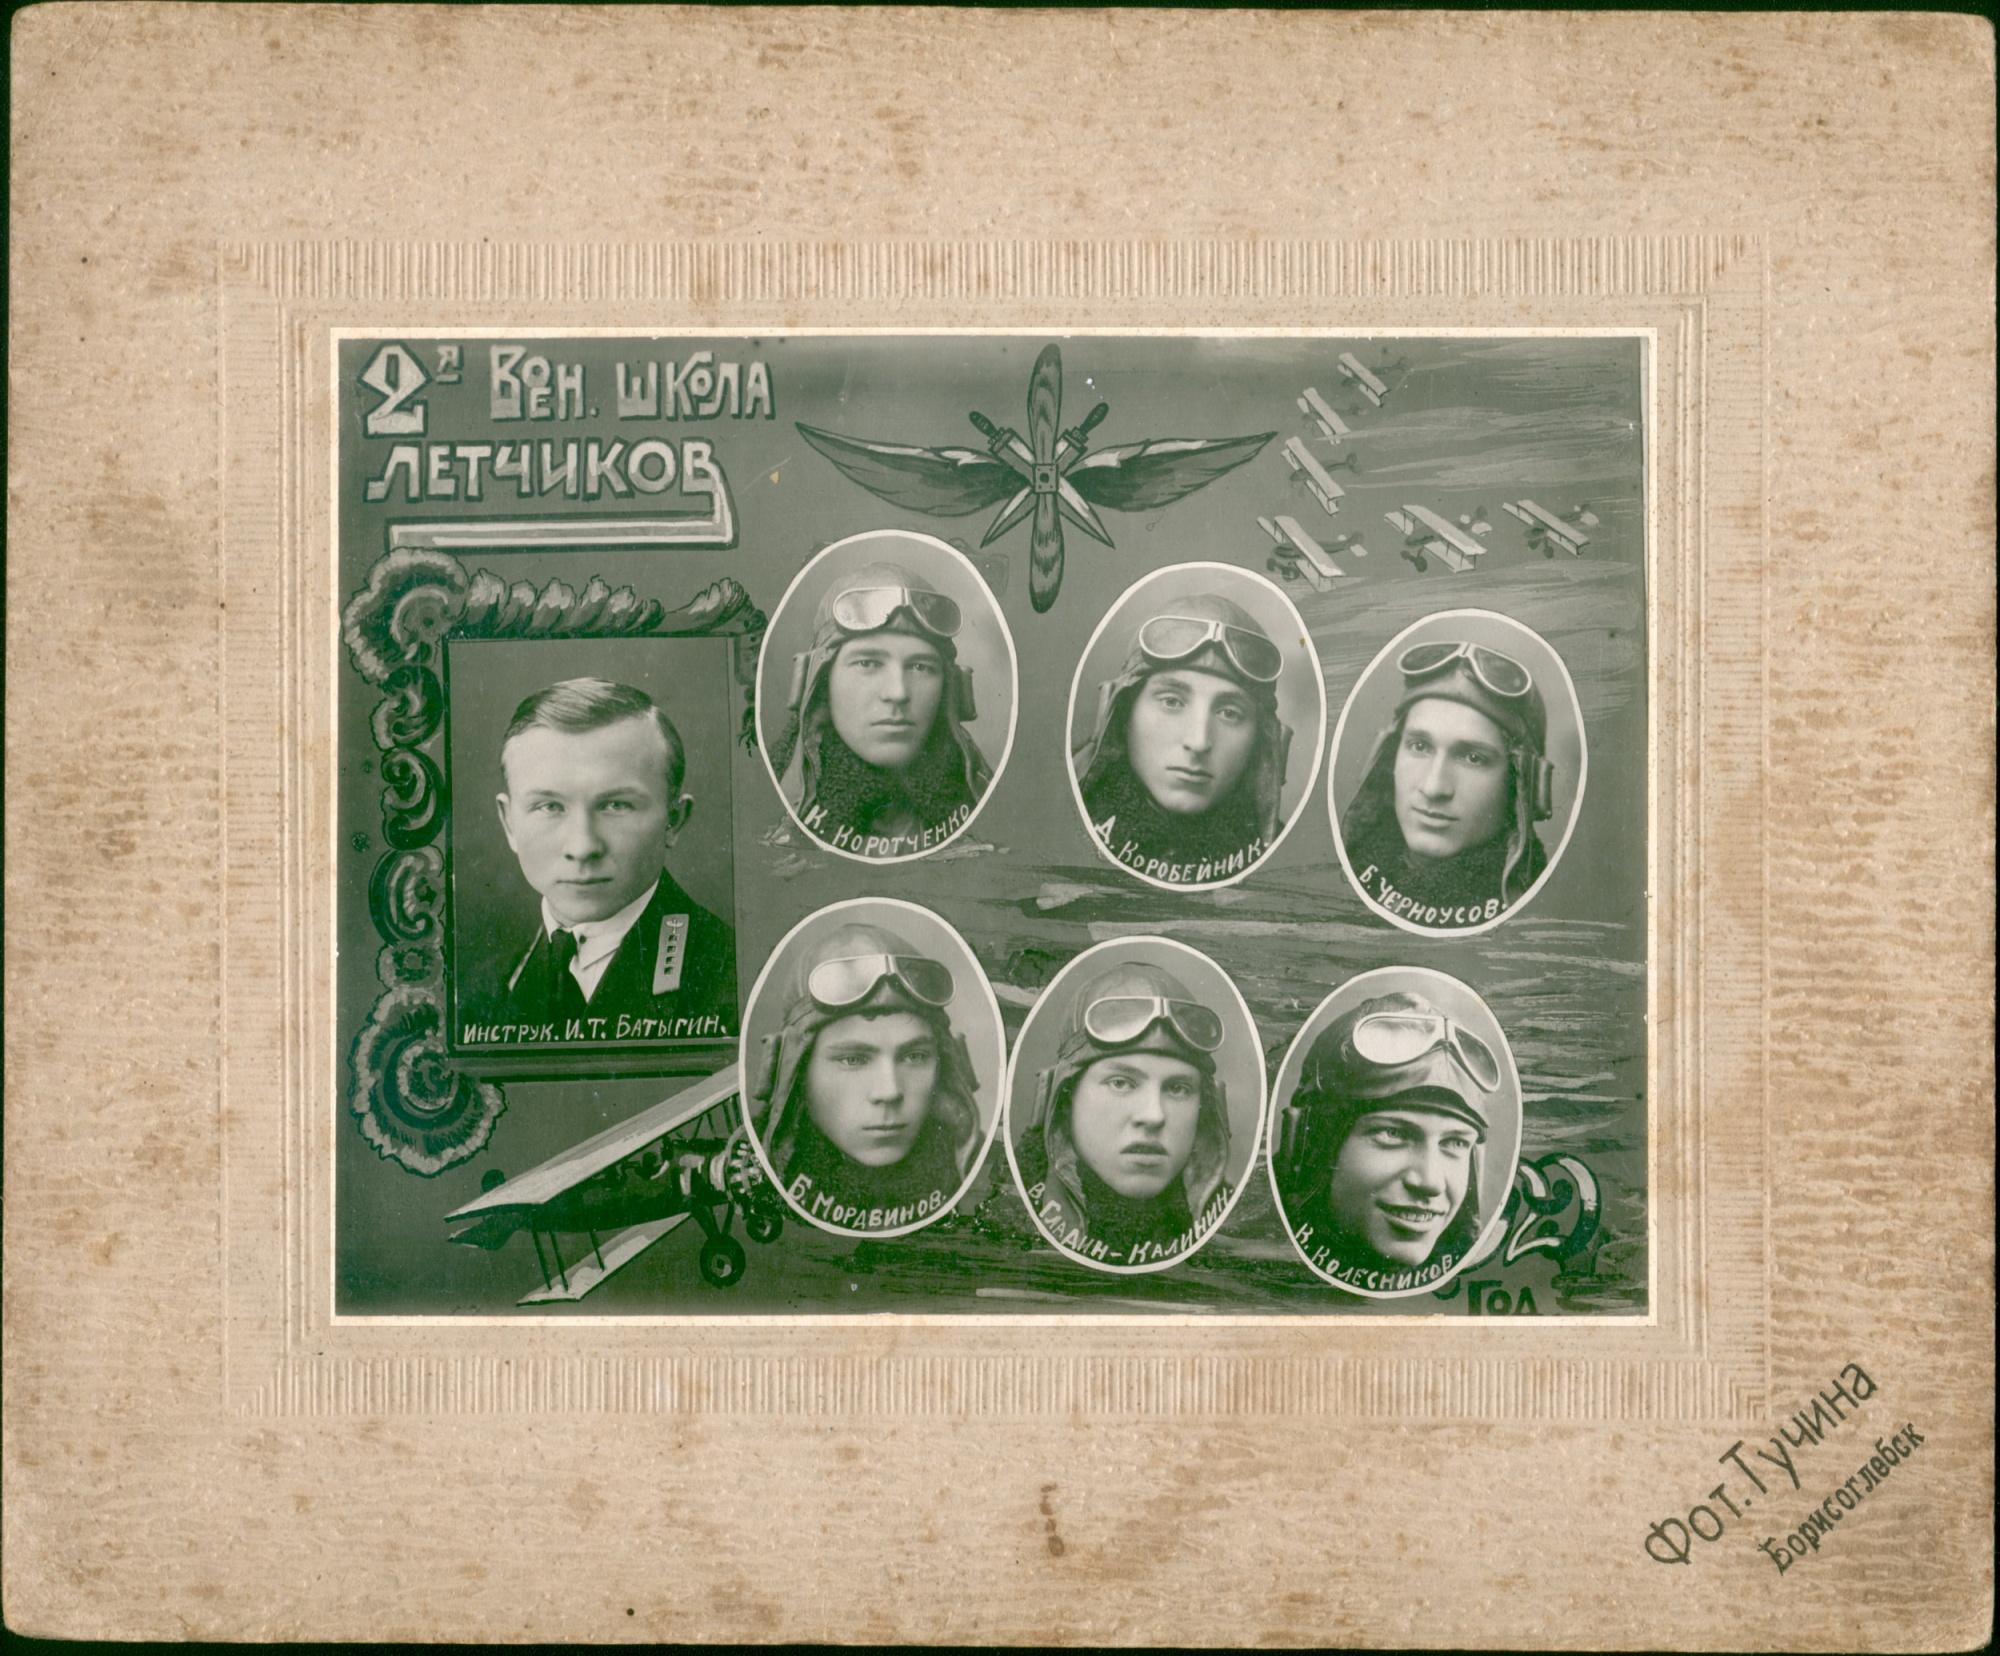 1929. Группа инструктора Батыгина И.Т. 10.02.1929, 2-я ВШЛ, г. Борисоглебск.